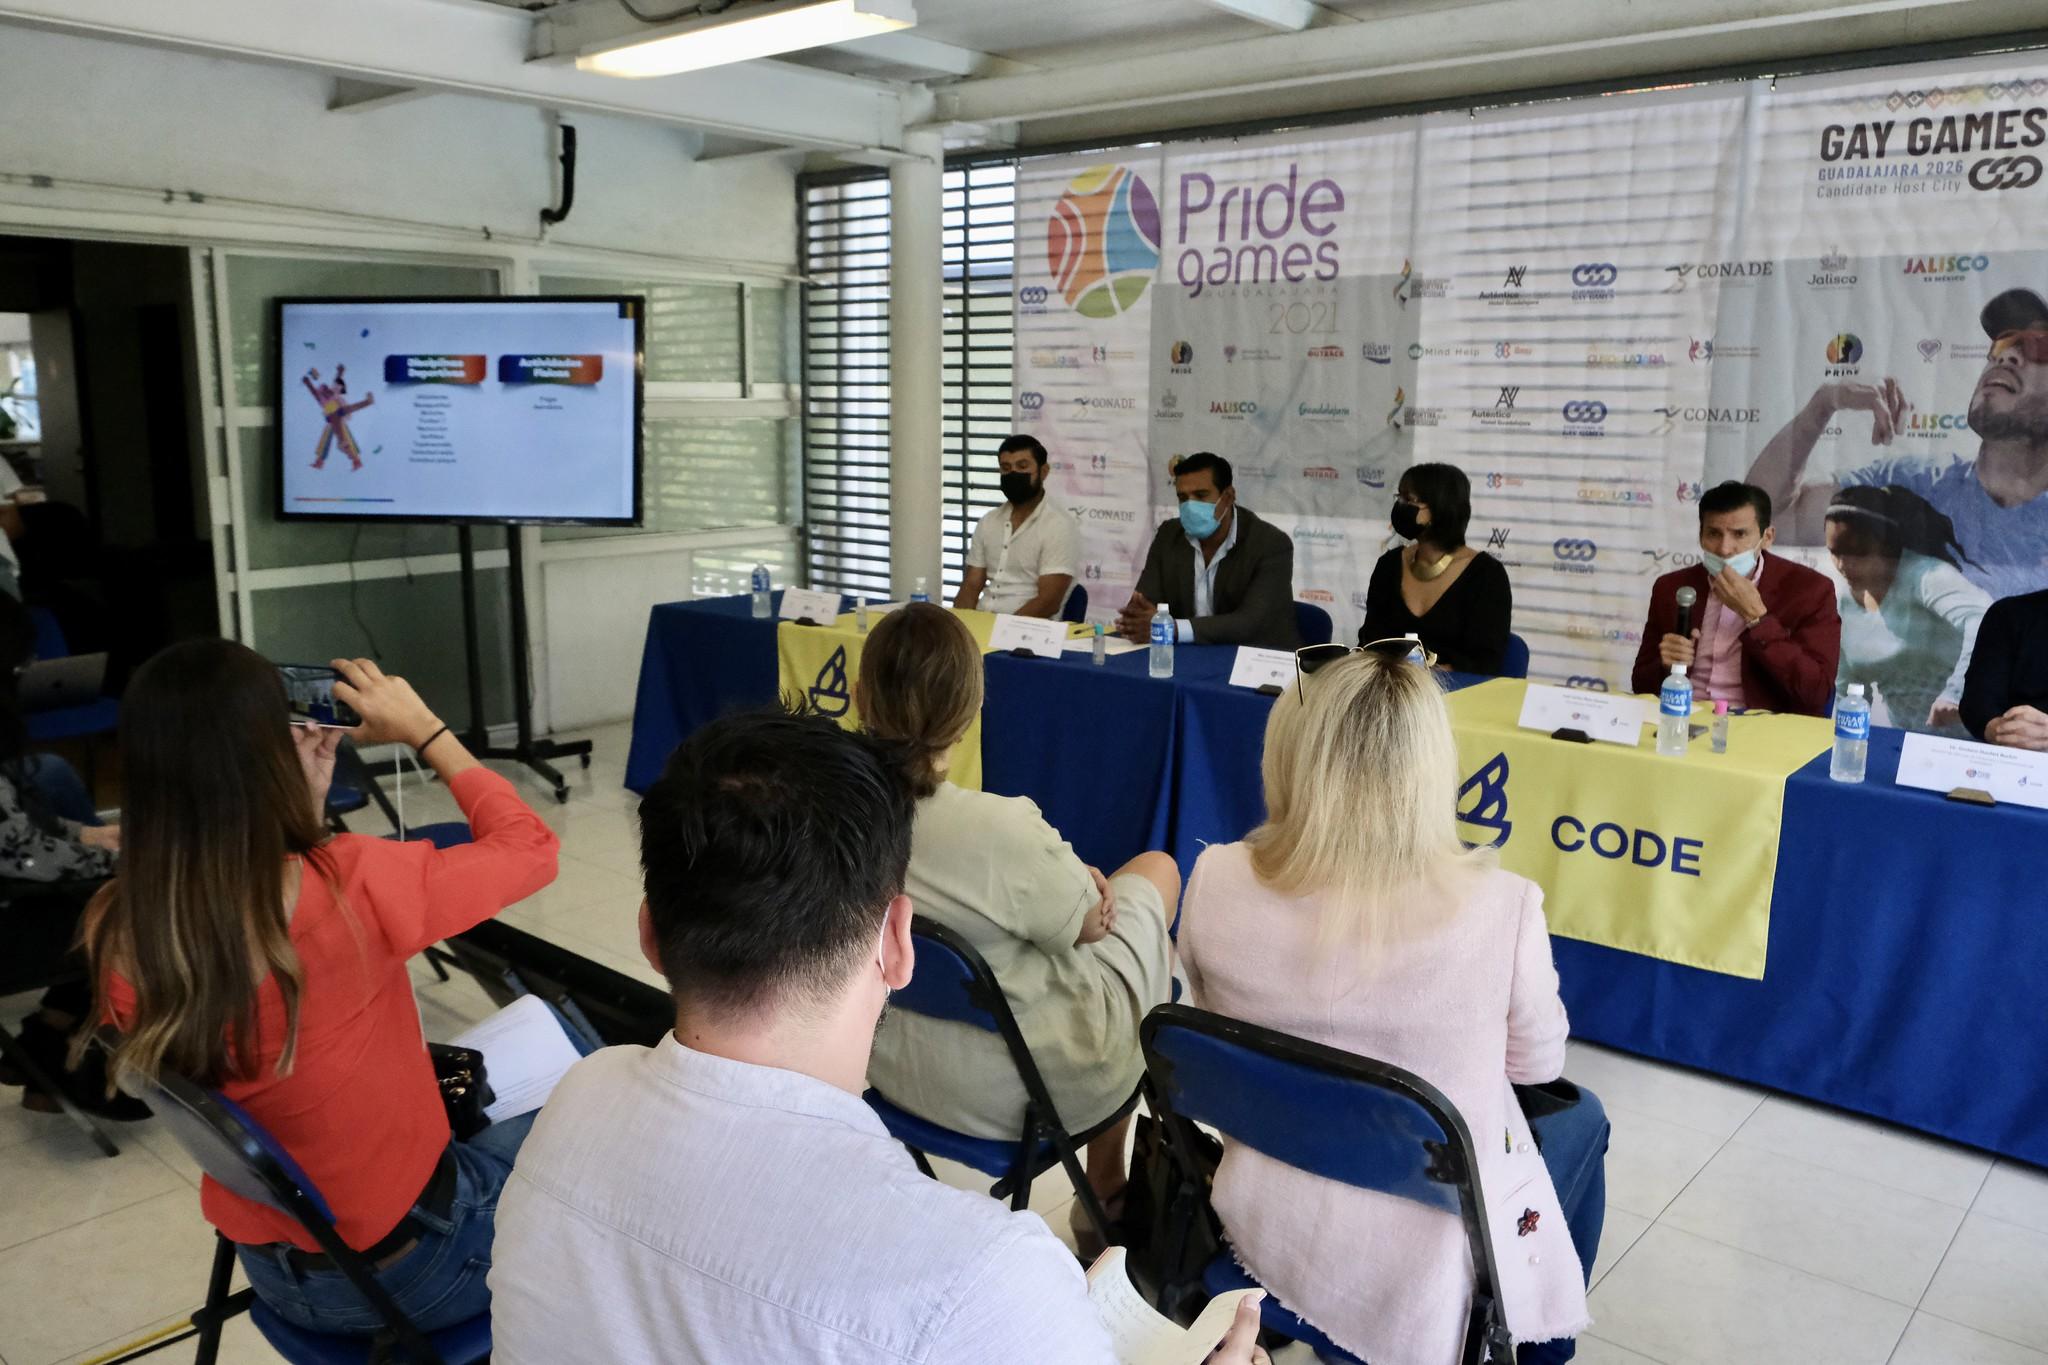 Guadalajara será sede de los Pride Games 2021